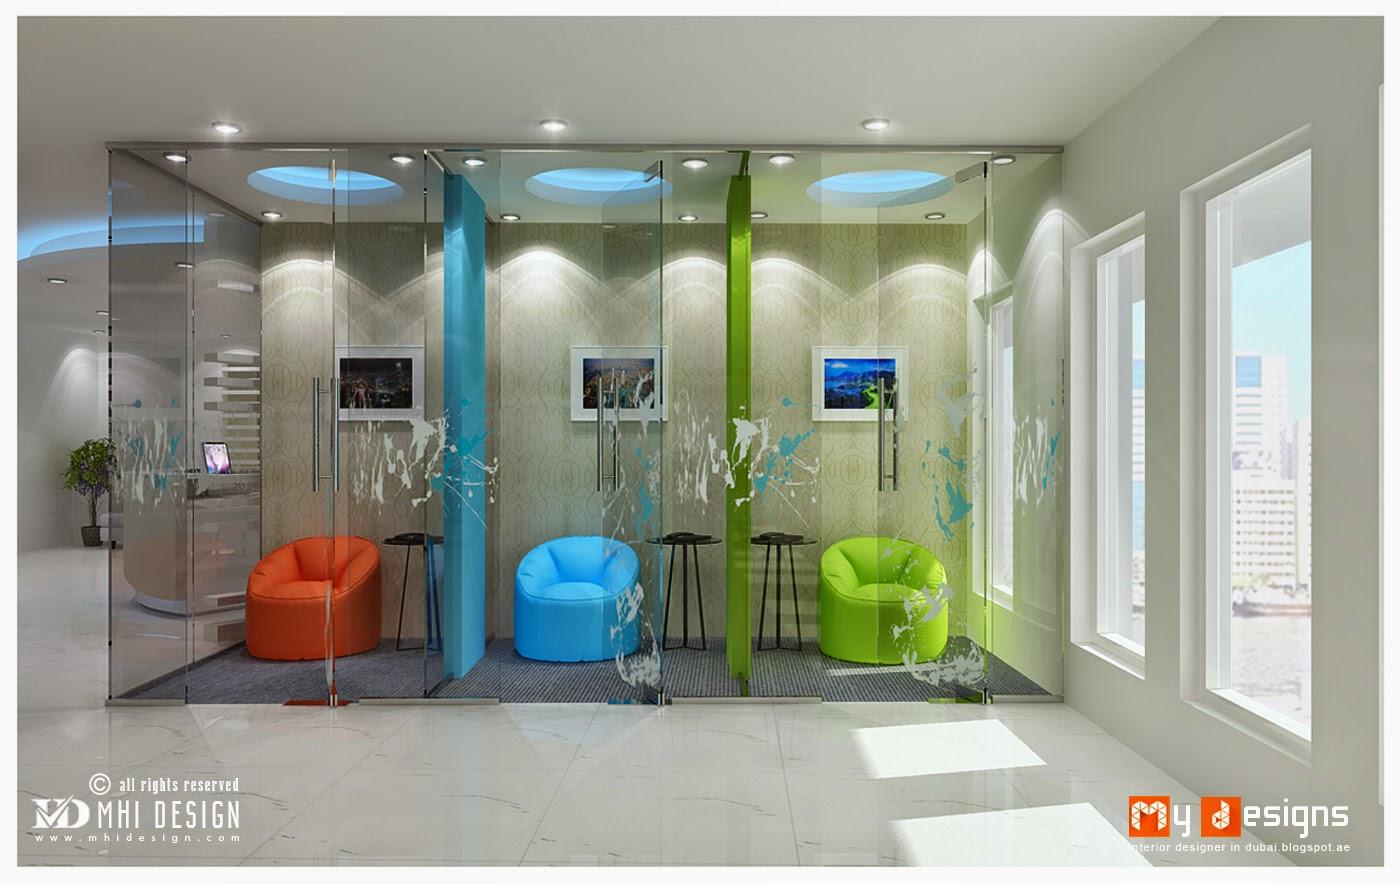 Dubai top interior design companies interior designer blog for One room office interior design